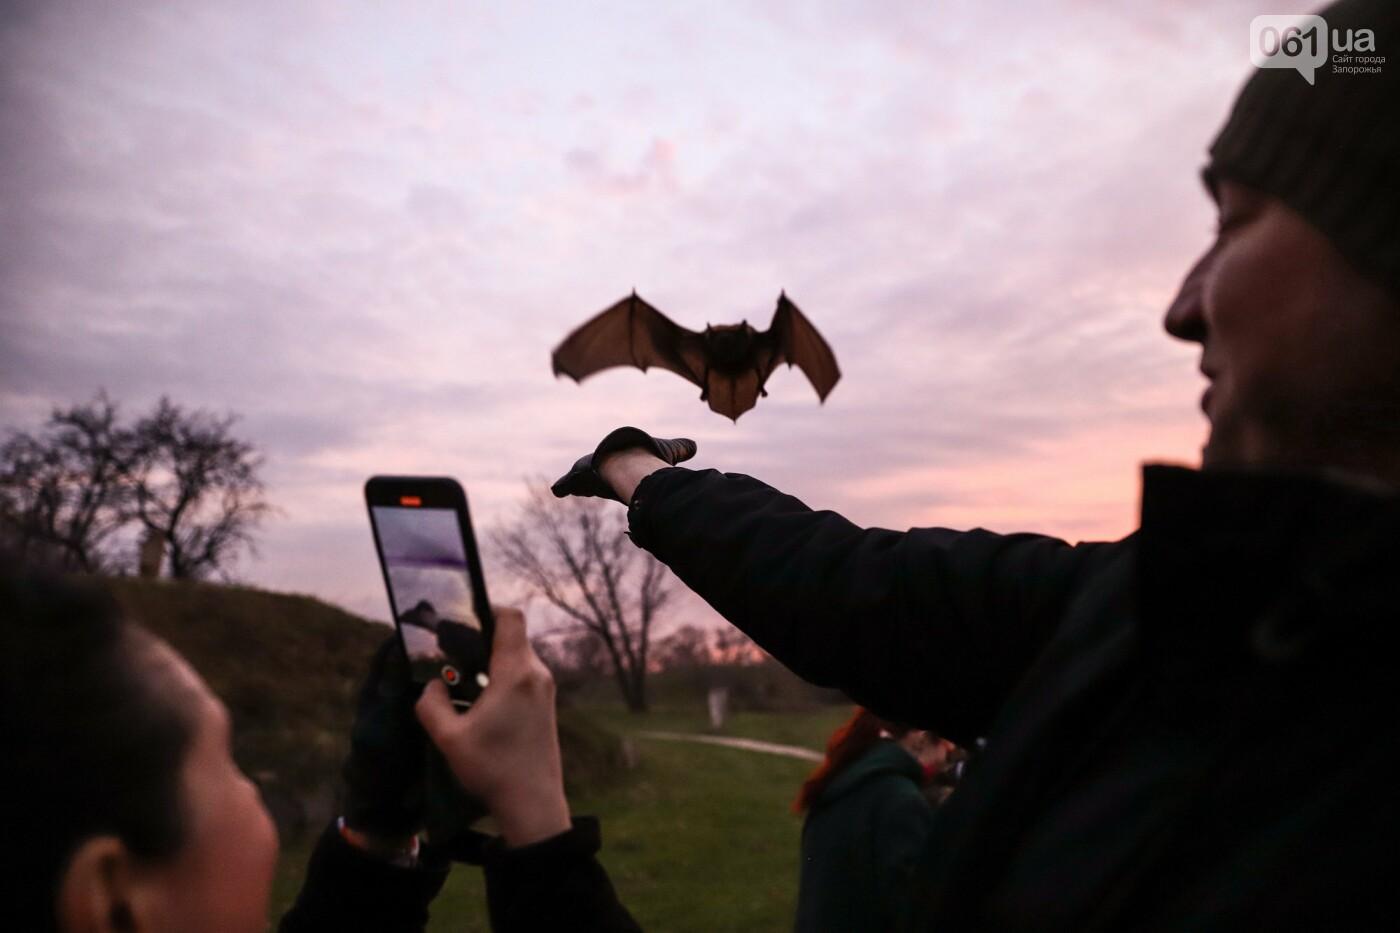 На Хортице выпустили более 700 летучих мышей, спасенных волонтерами, - ФОТОРЕПОРТАЖ, фото-27